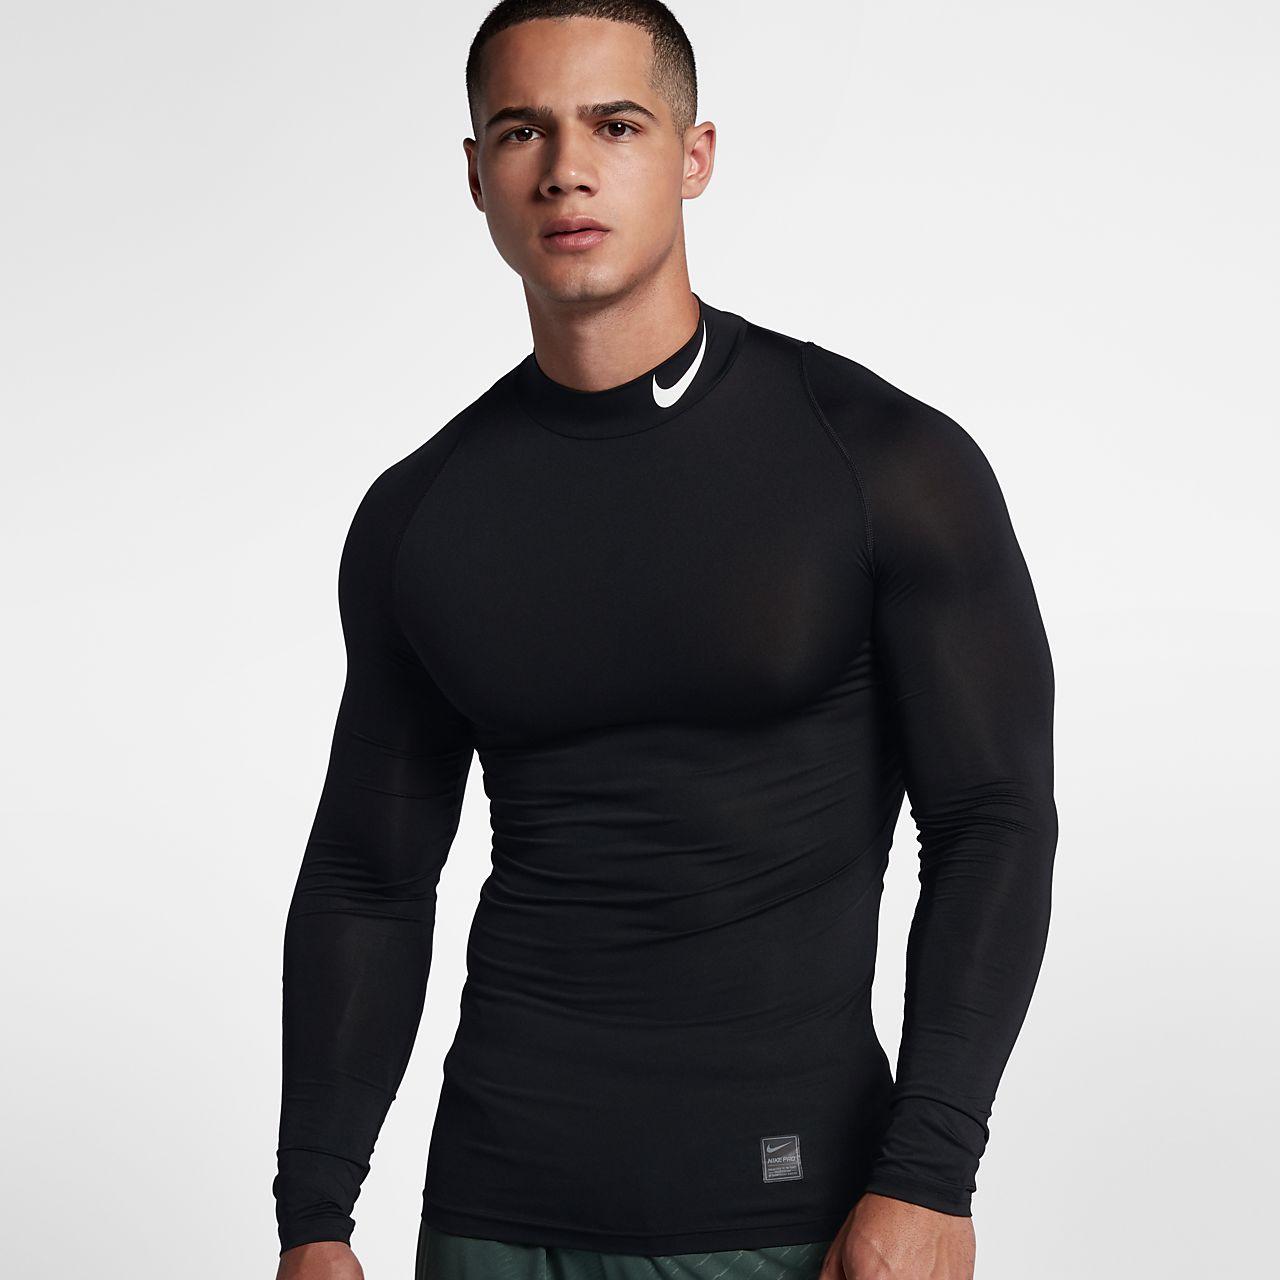 Maglia da allenamento a manica lunga Nike Pro - Uomo